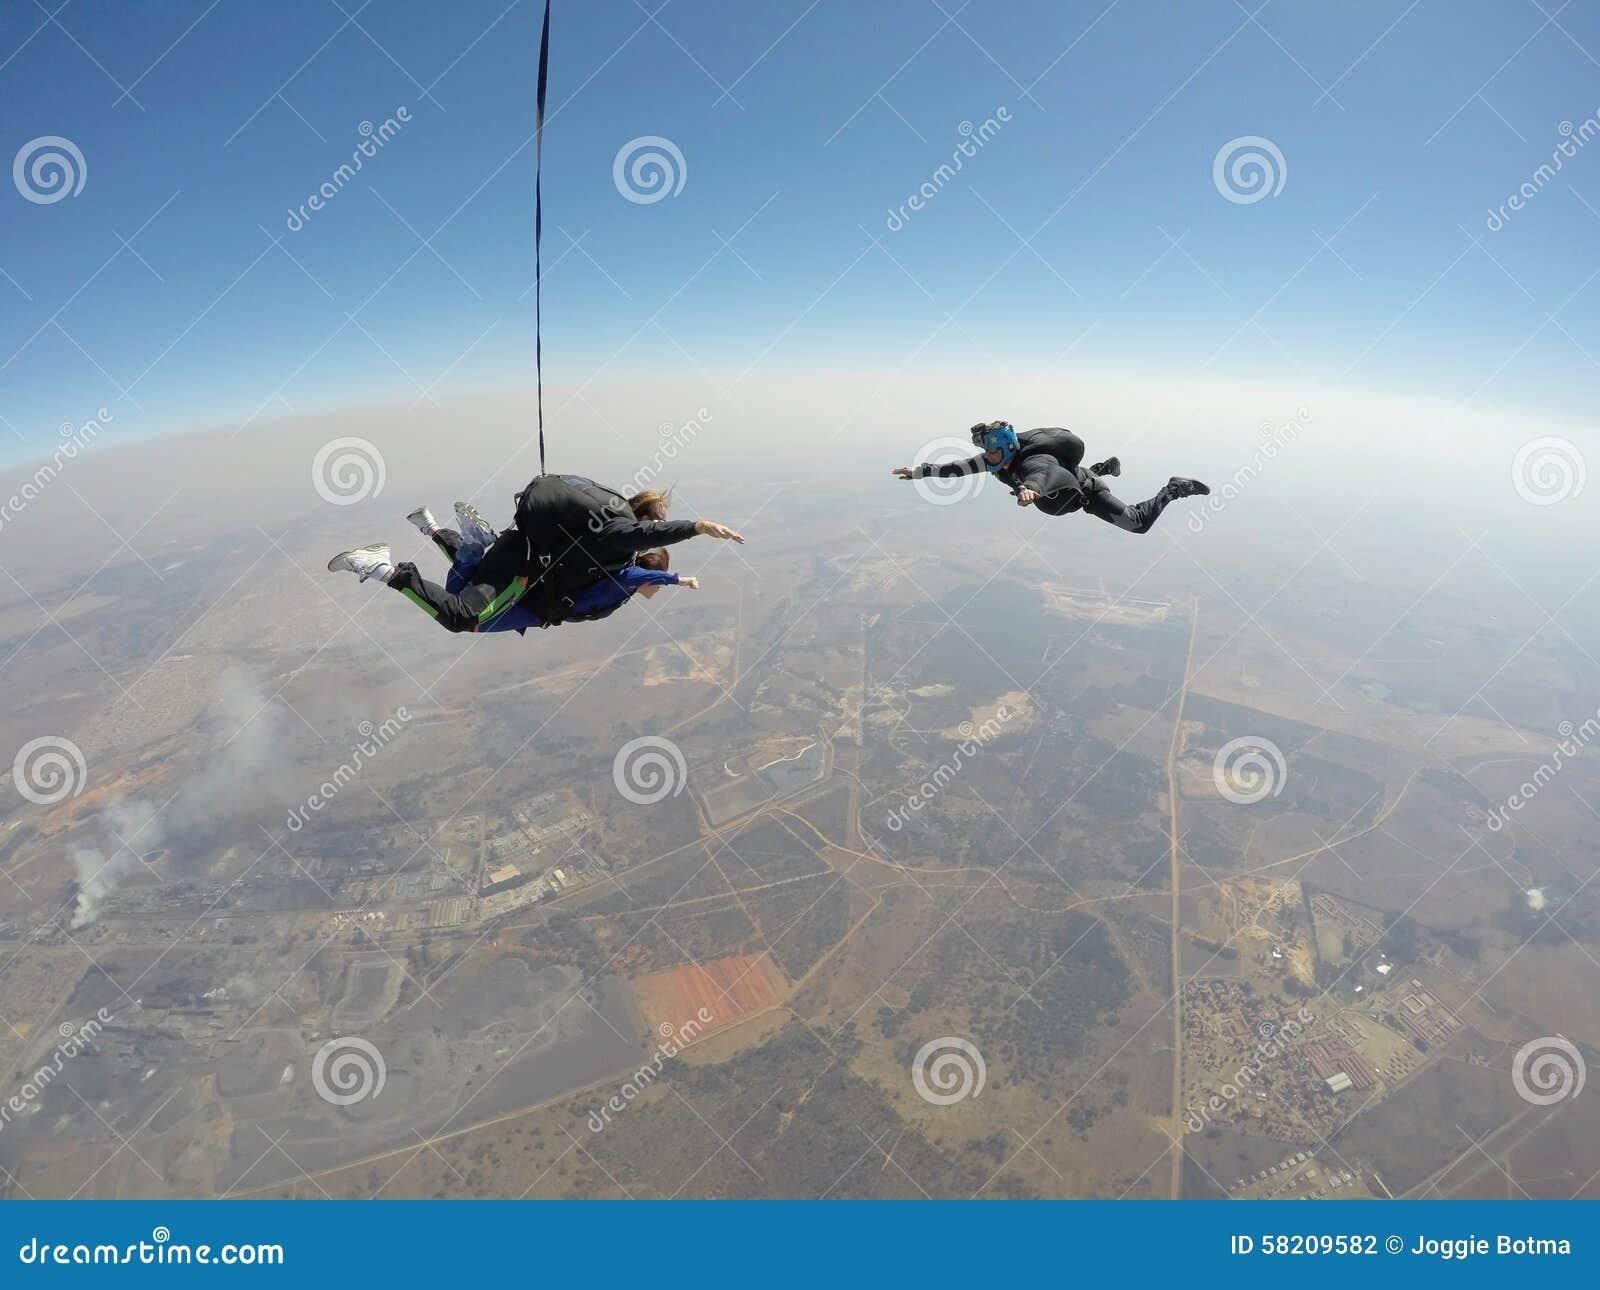 跳伞运动员摄制纵排skydive